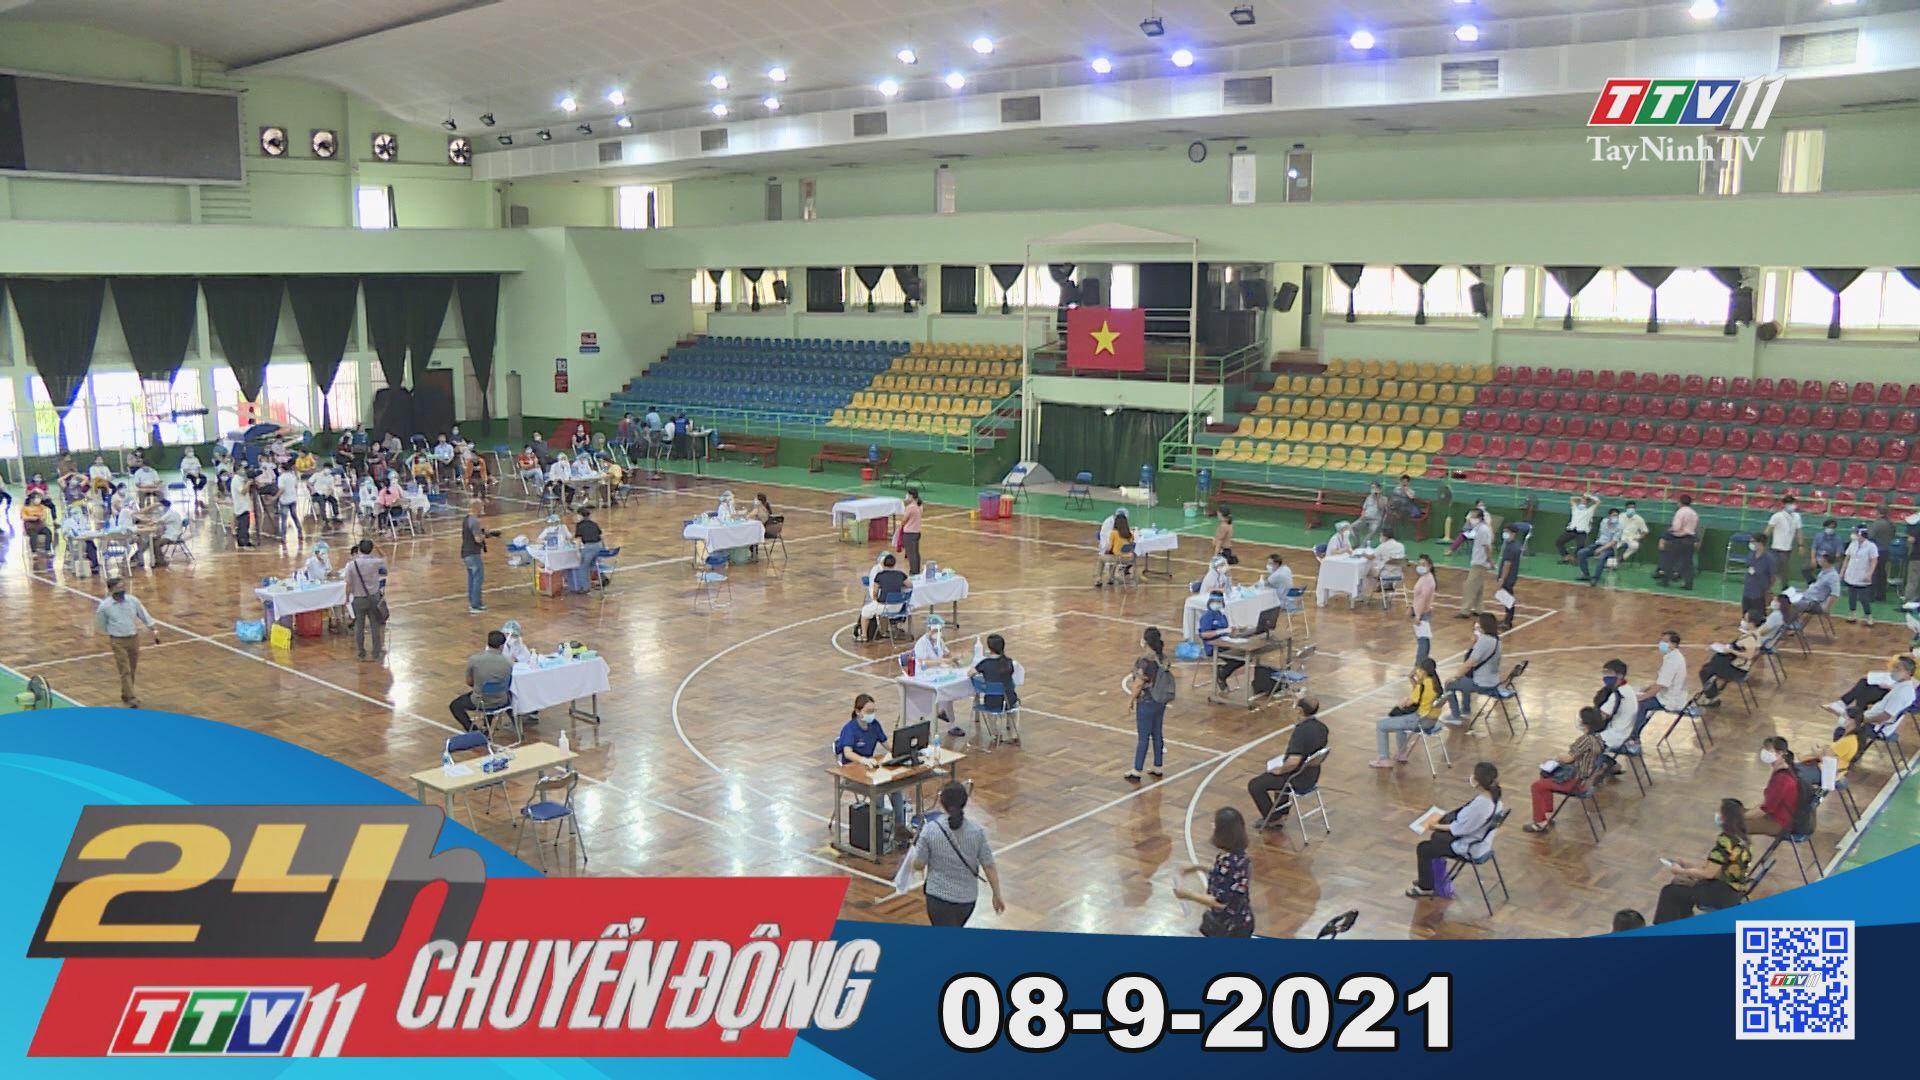 24h Chuyển động 08-9-2021 | Tin tức hôm nay | TayNinhTV